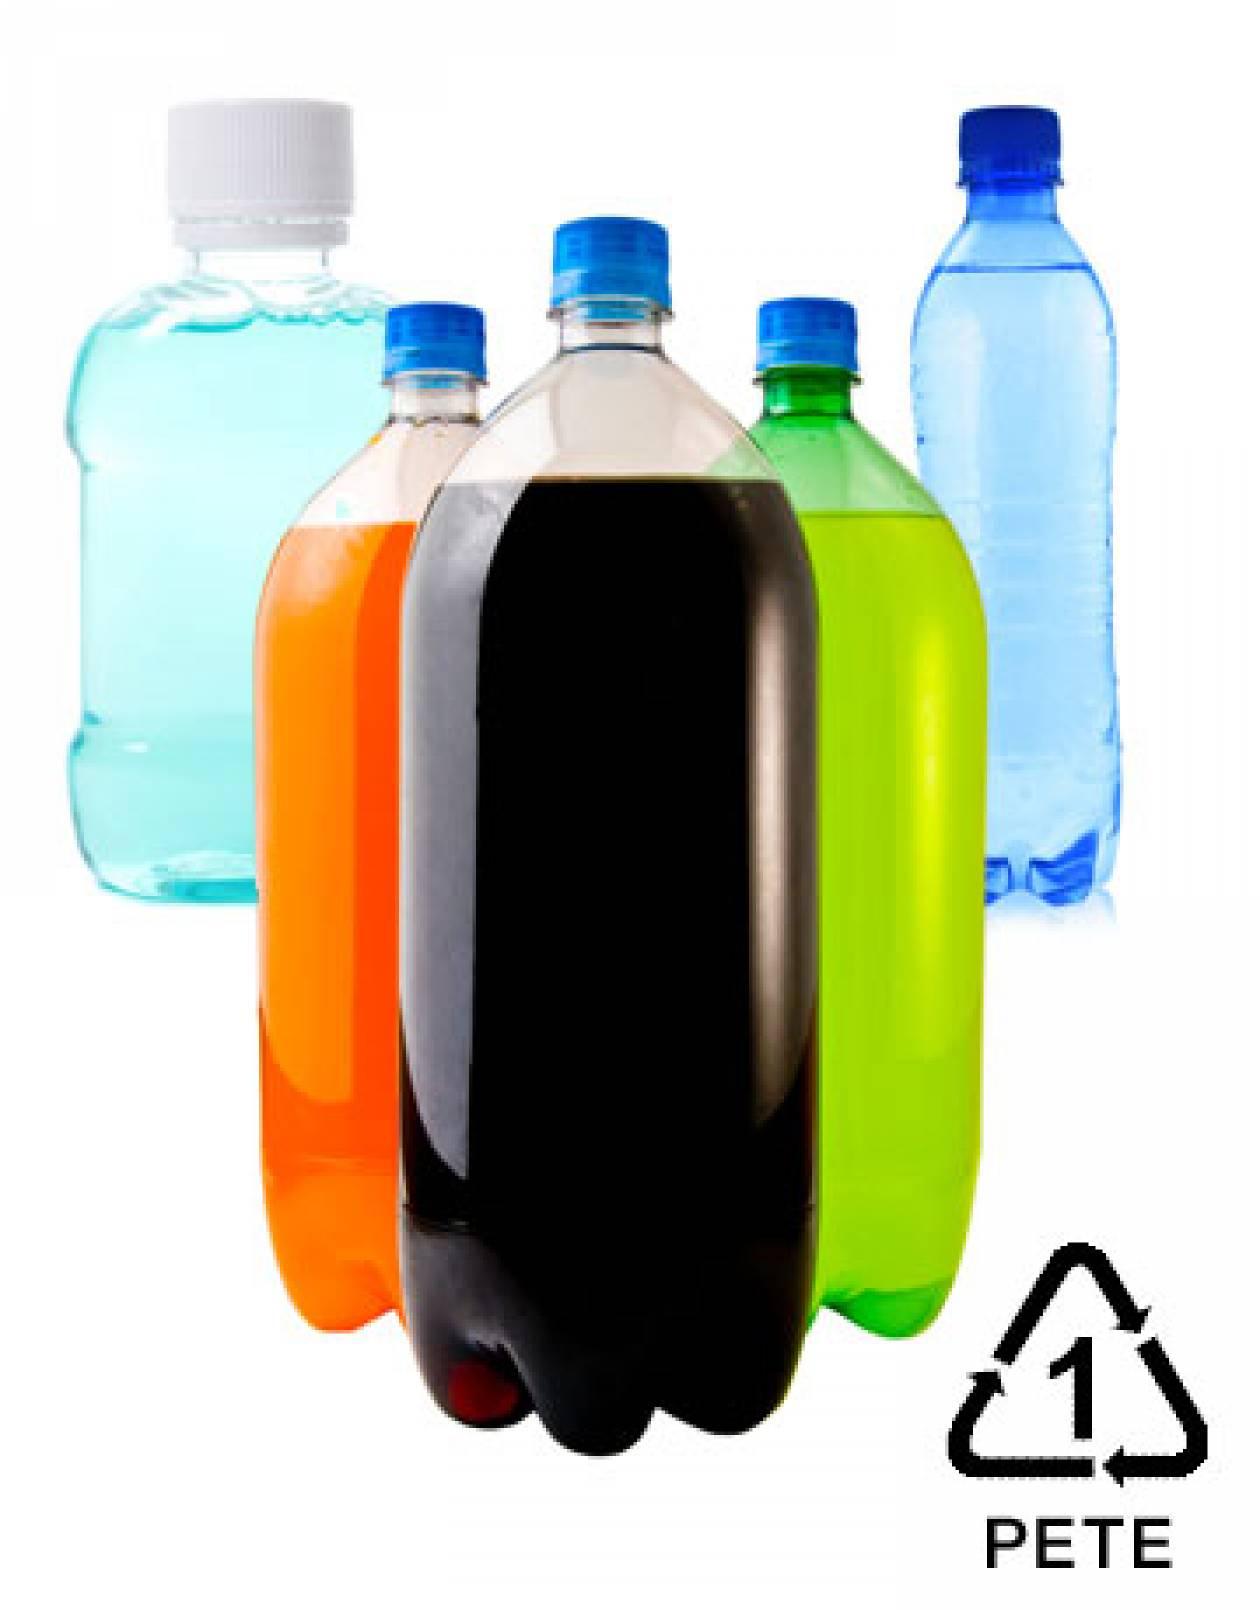 Πλαστικά σκεύη εναντίον της υγείας μας